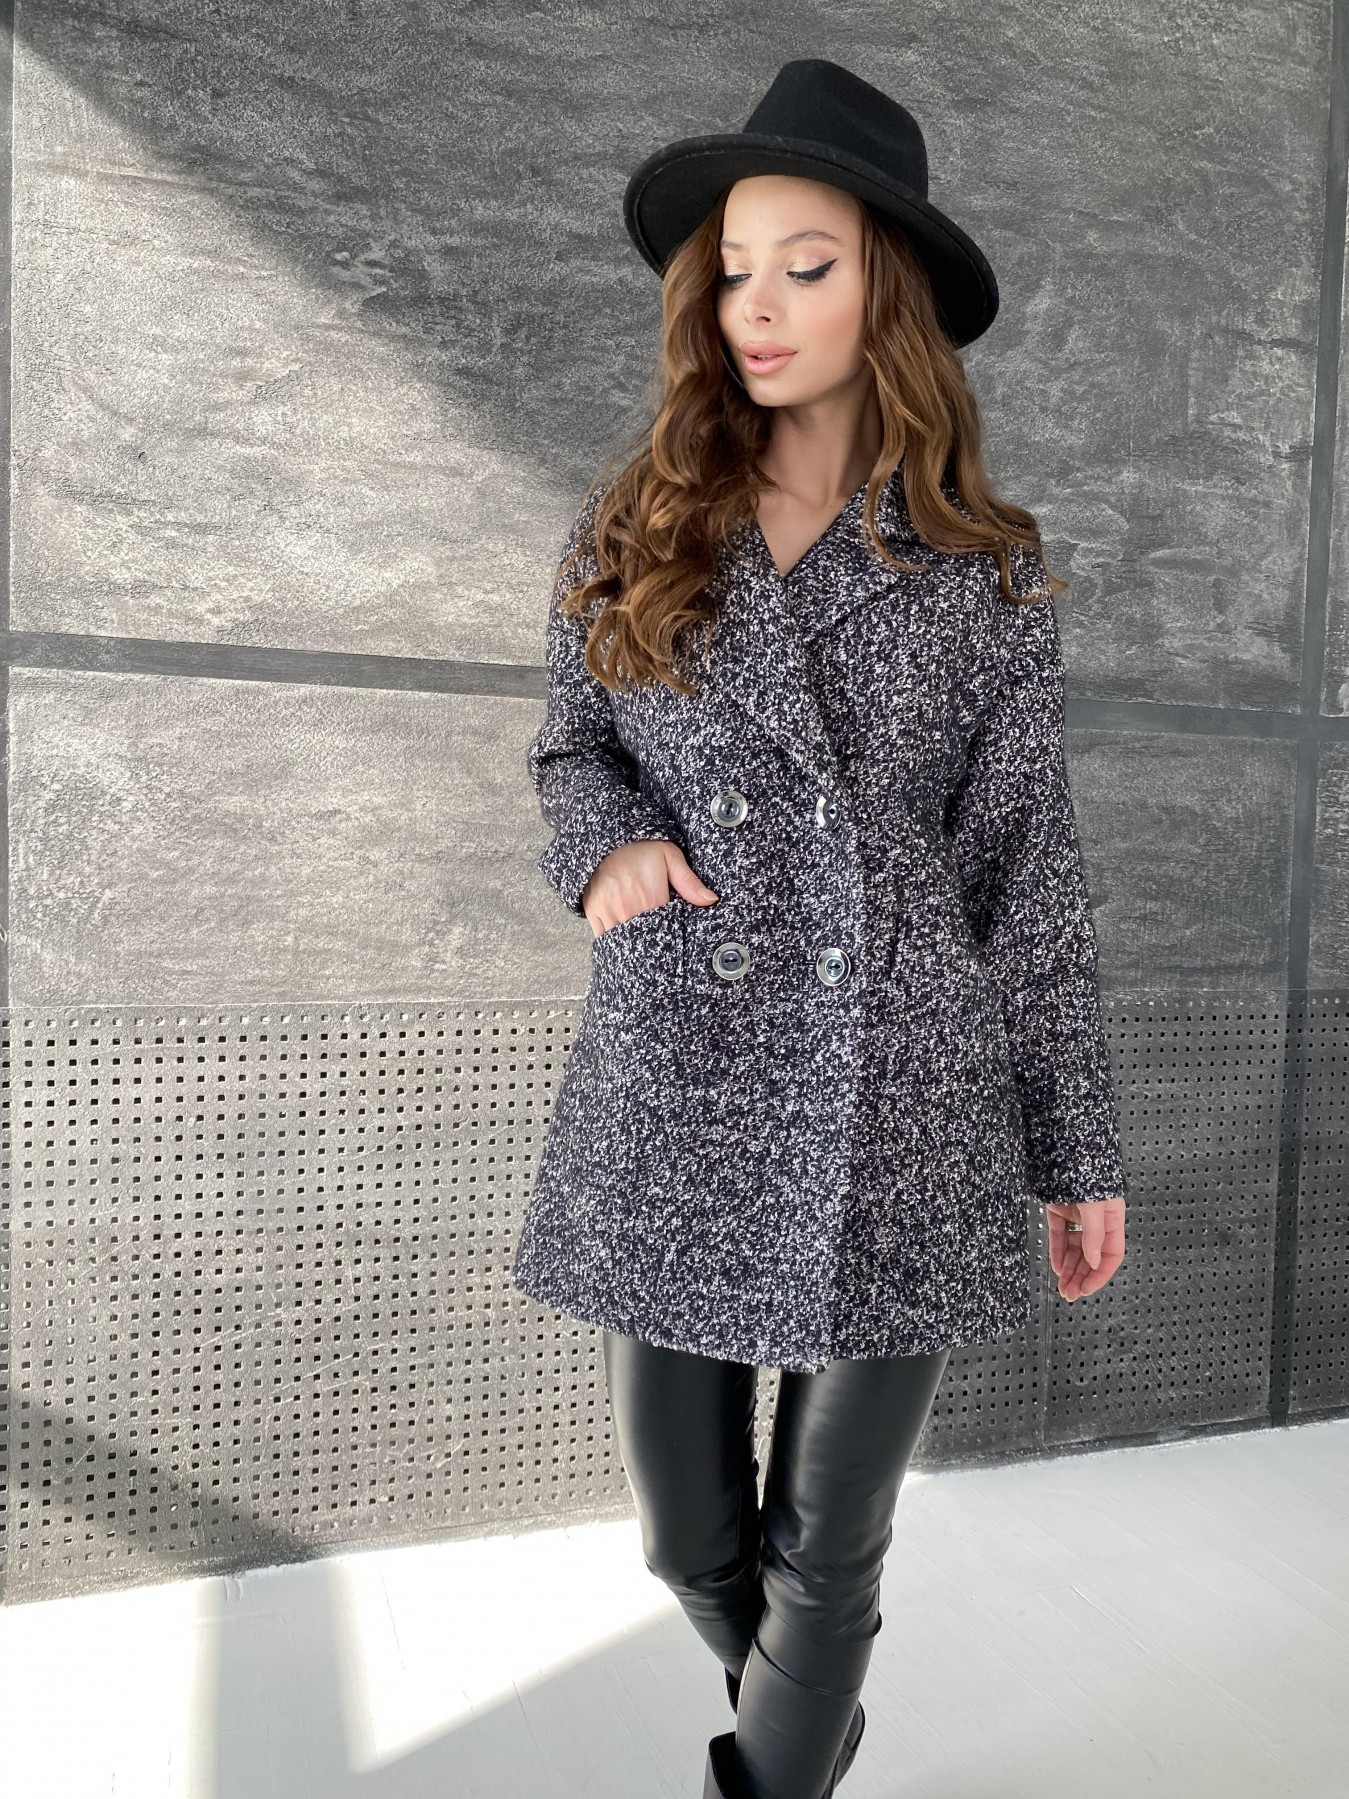 Бонд пальто из шерсти букле  10770 АРТ. 47197 Цвет: Черно серый 61 - фото 4, интернет магазин tm-modus.ru